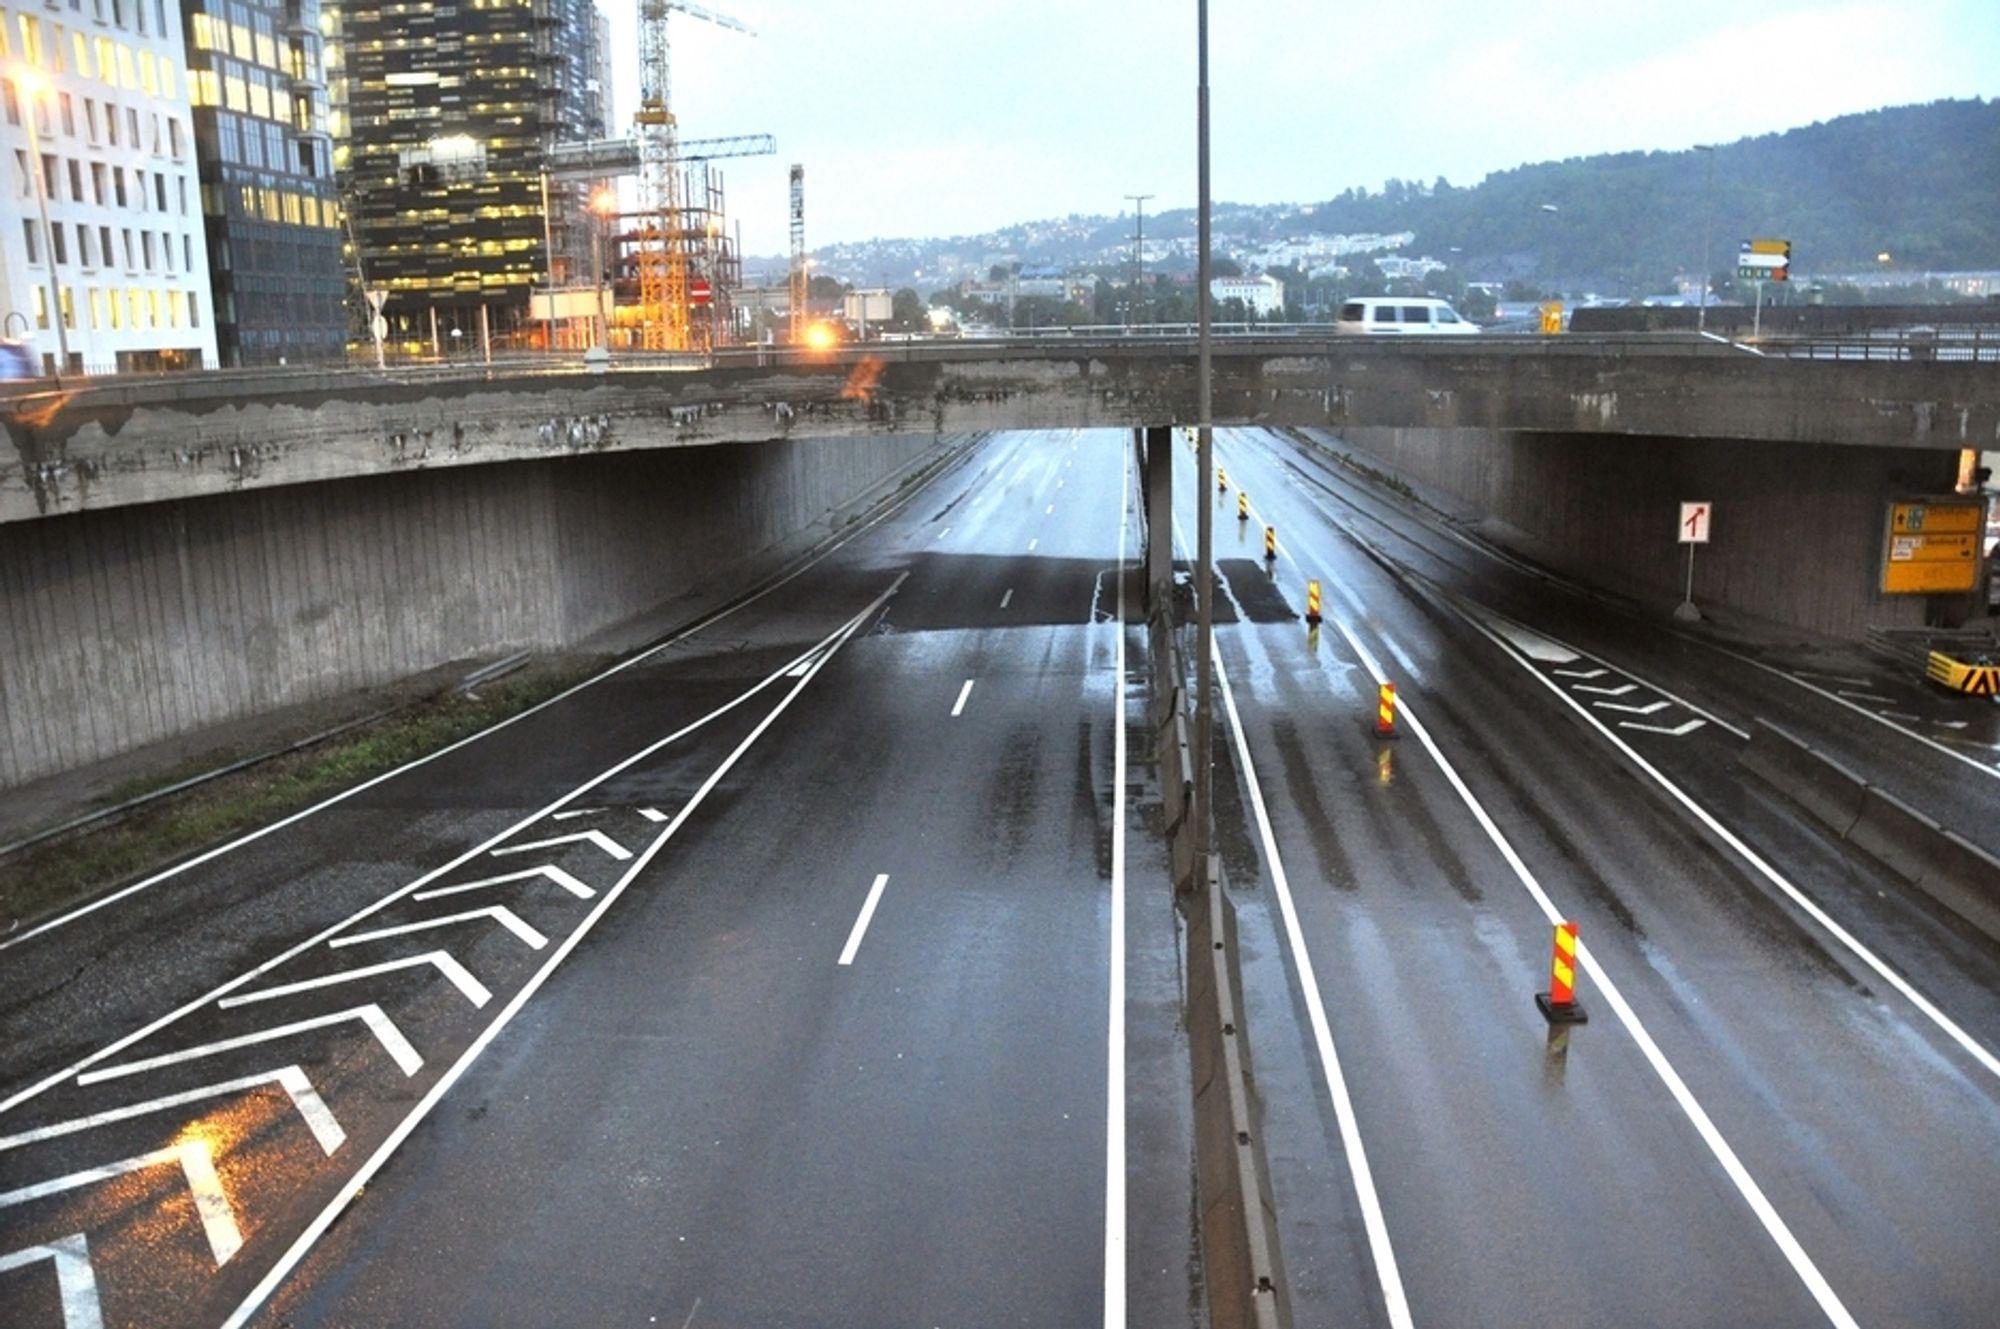 Stillheten har senket seg i Bjørvika. Dette bildet er tatt på Bispelokket før kl. 8 om kvelden. Der E 18 gikk for kort tid siden er trafikken borte. På lokket er den kraftig redusert.